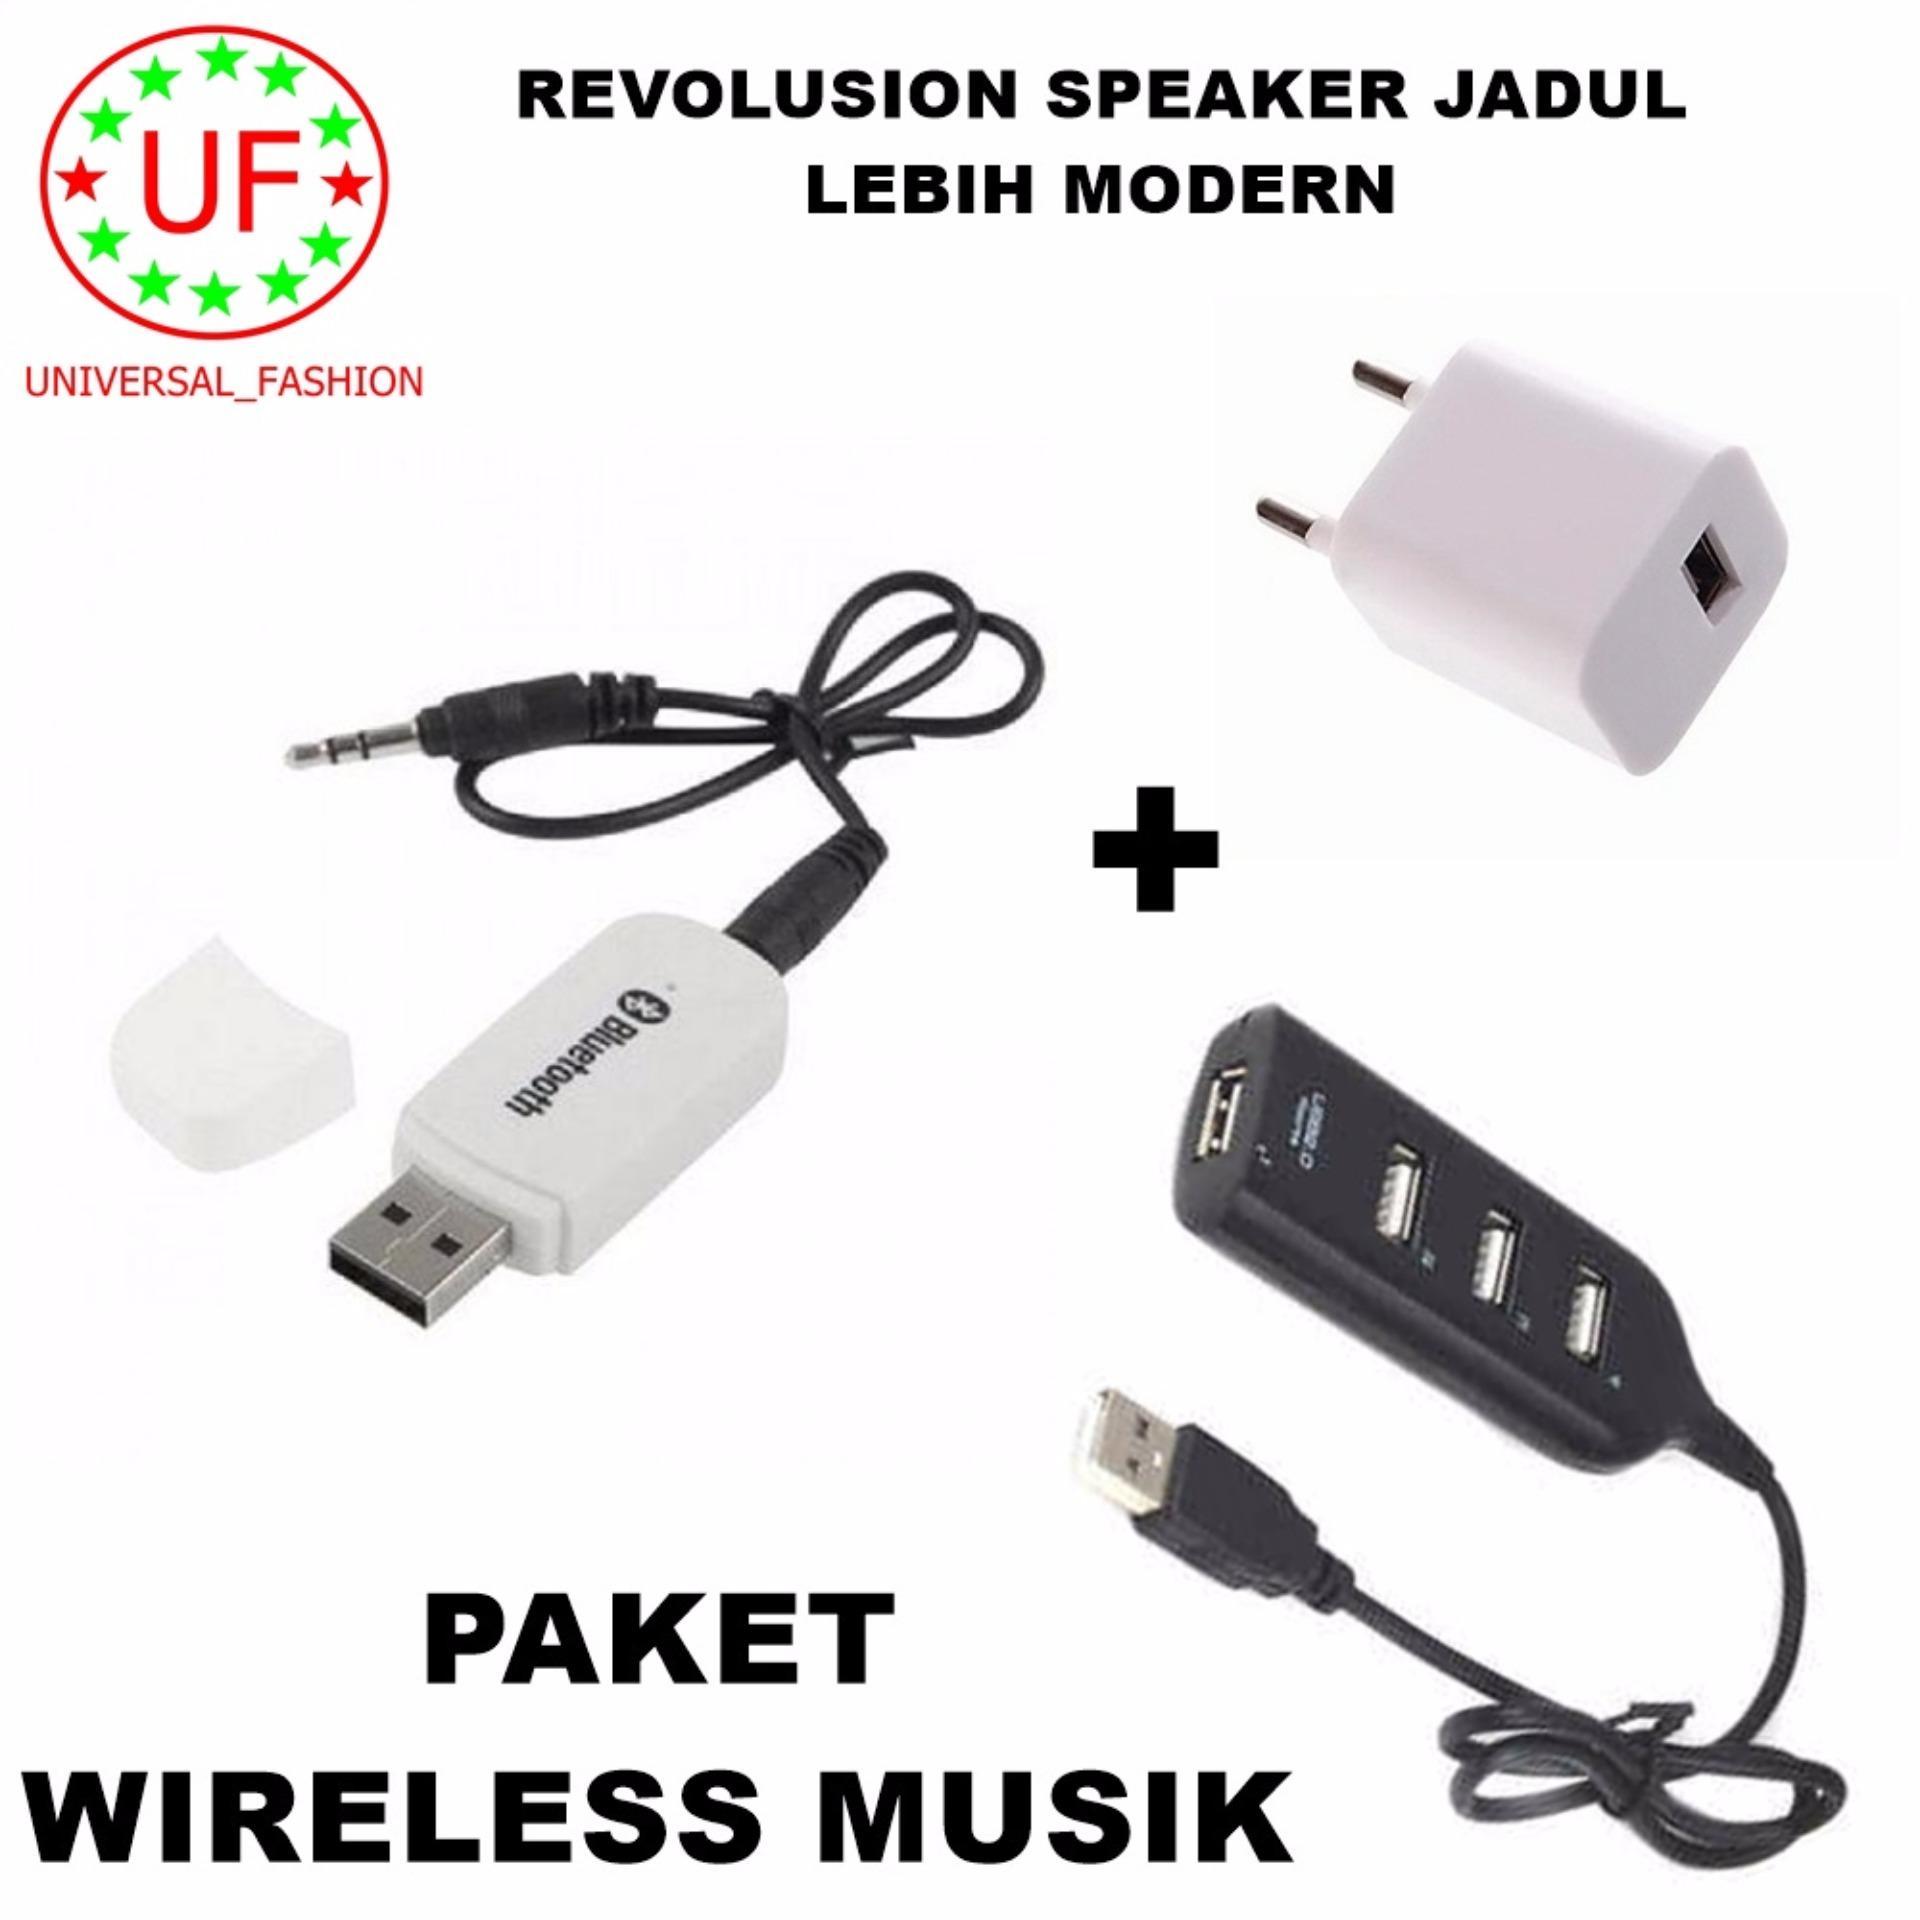 Pencari Harga Bluetooth Audio Receiver Wireless Musik - Putih + Adapter Charger + Kabel USB Hub 4 Port terbaik murah - Hanya Rp54.150